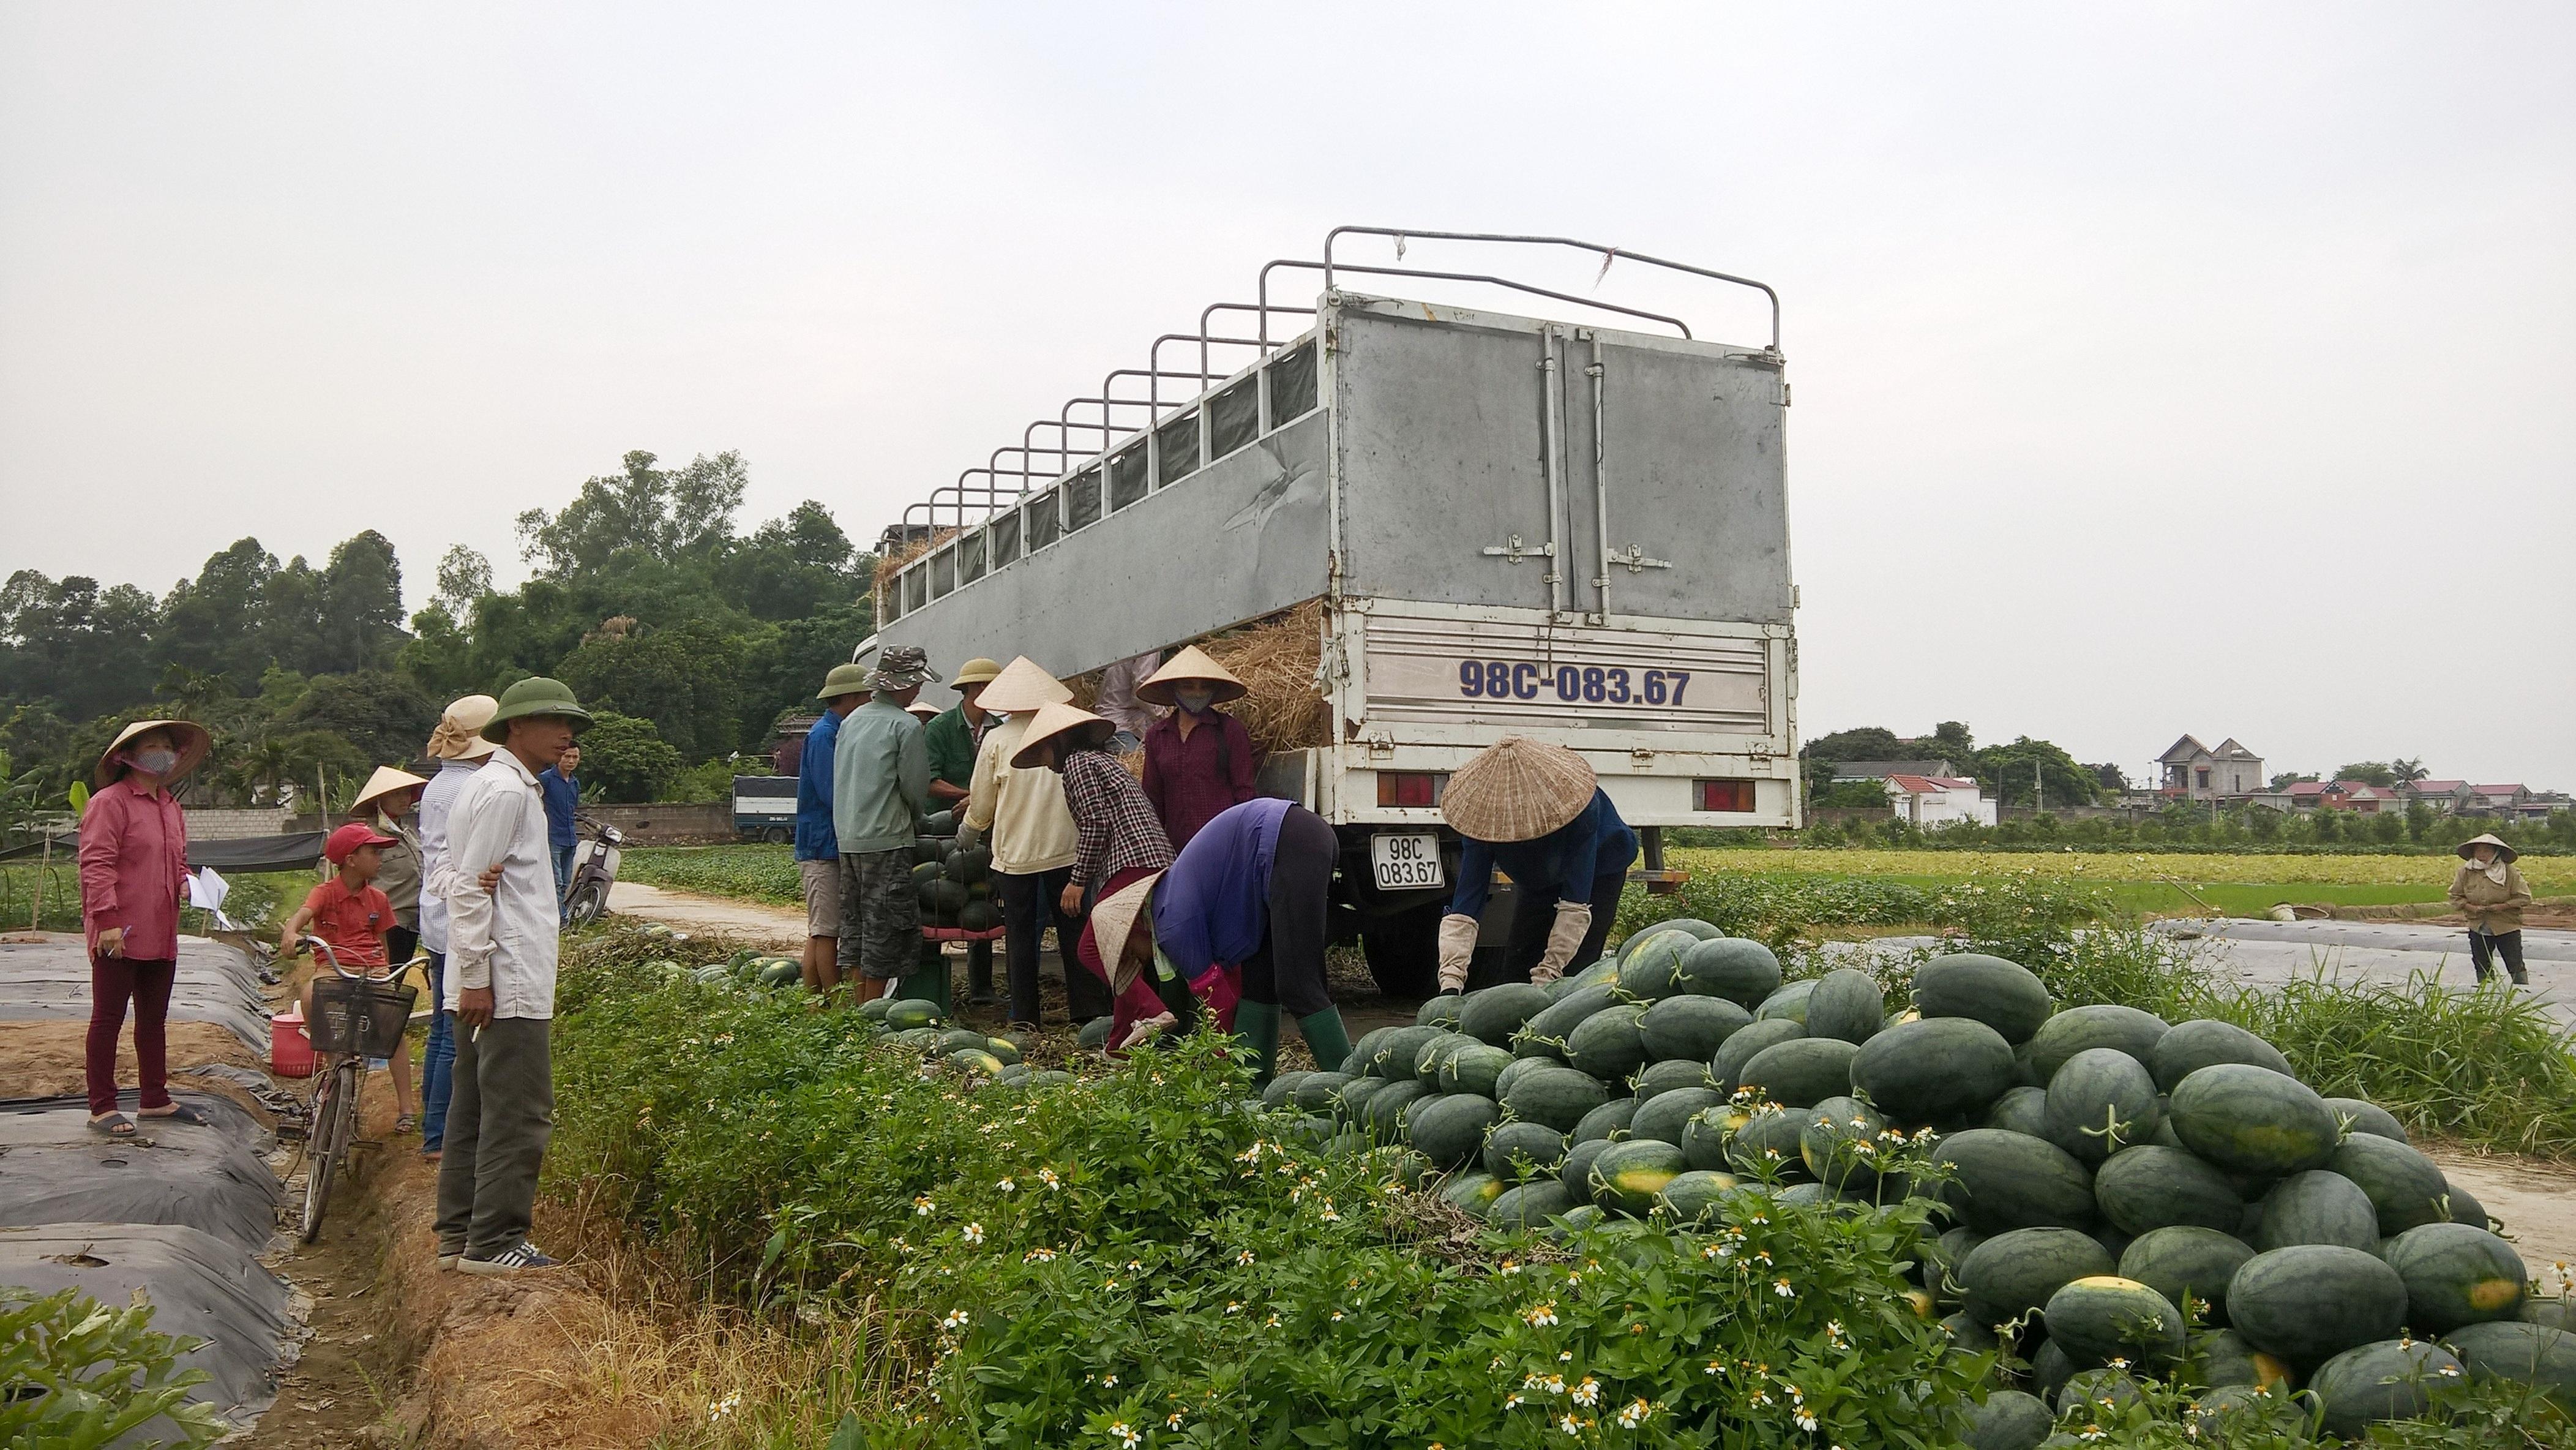 Hai xe tải 12 tấn đang bốc dưa hấu của người dân. Theo chủ hàng, dưa này sẽ được xuất sang Trung Quốc